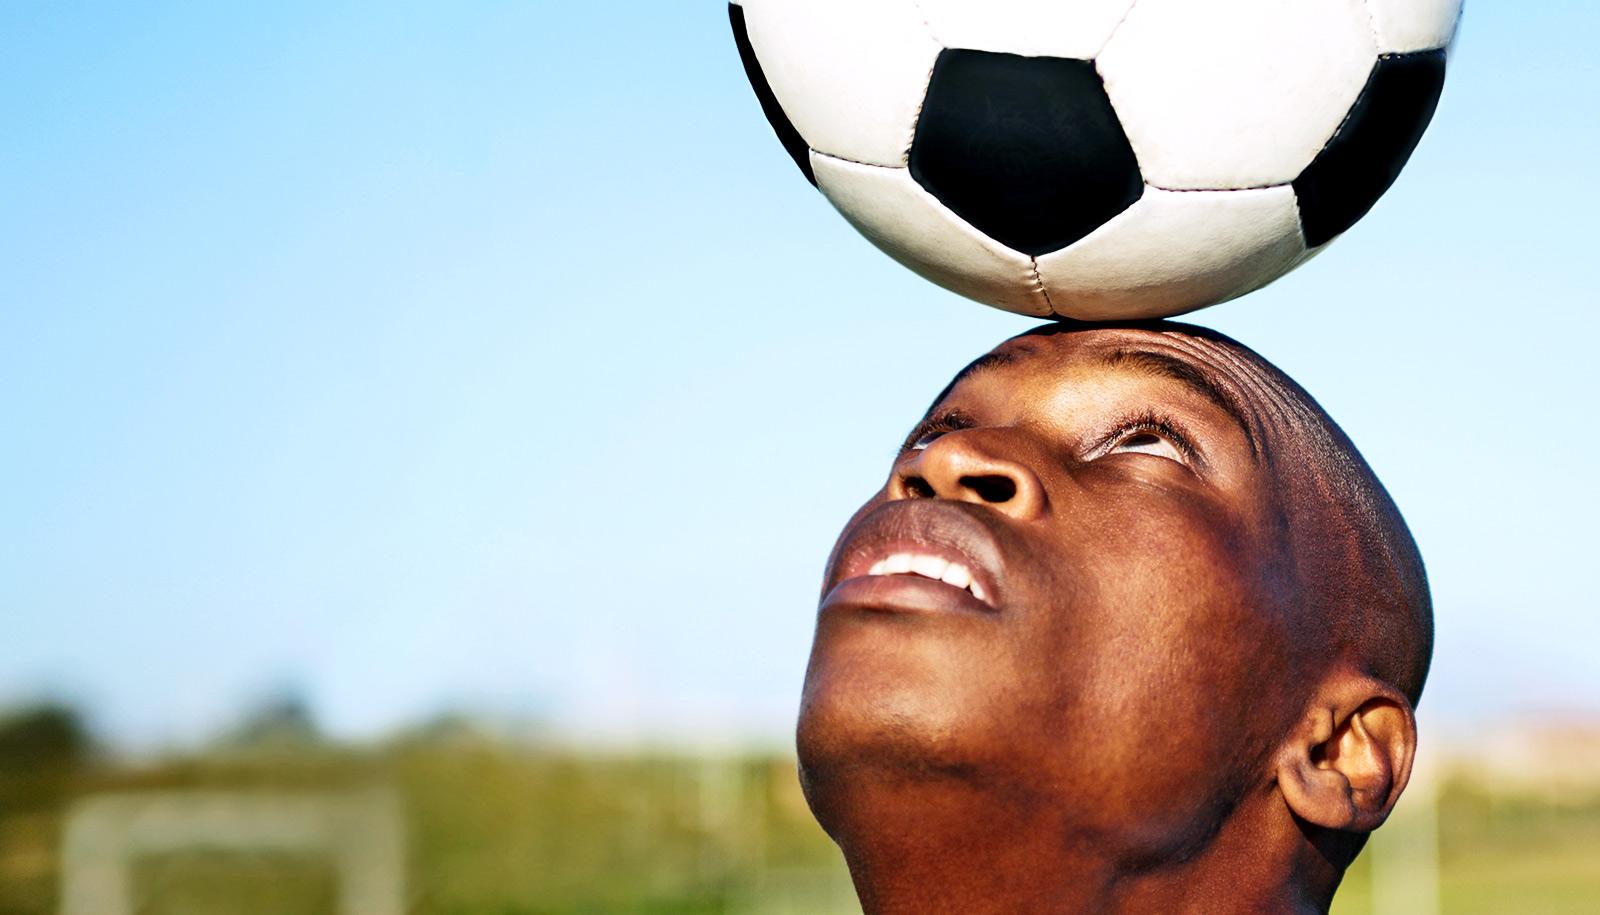 Salah satunya adalah sikap kedua lutut yang benar saat persiapan untuk melakukan teknik dasar menyundul bola dilakukan